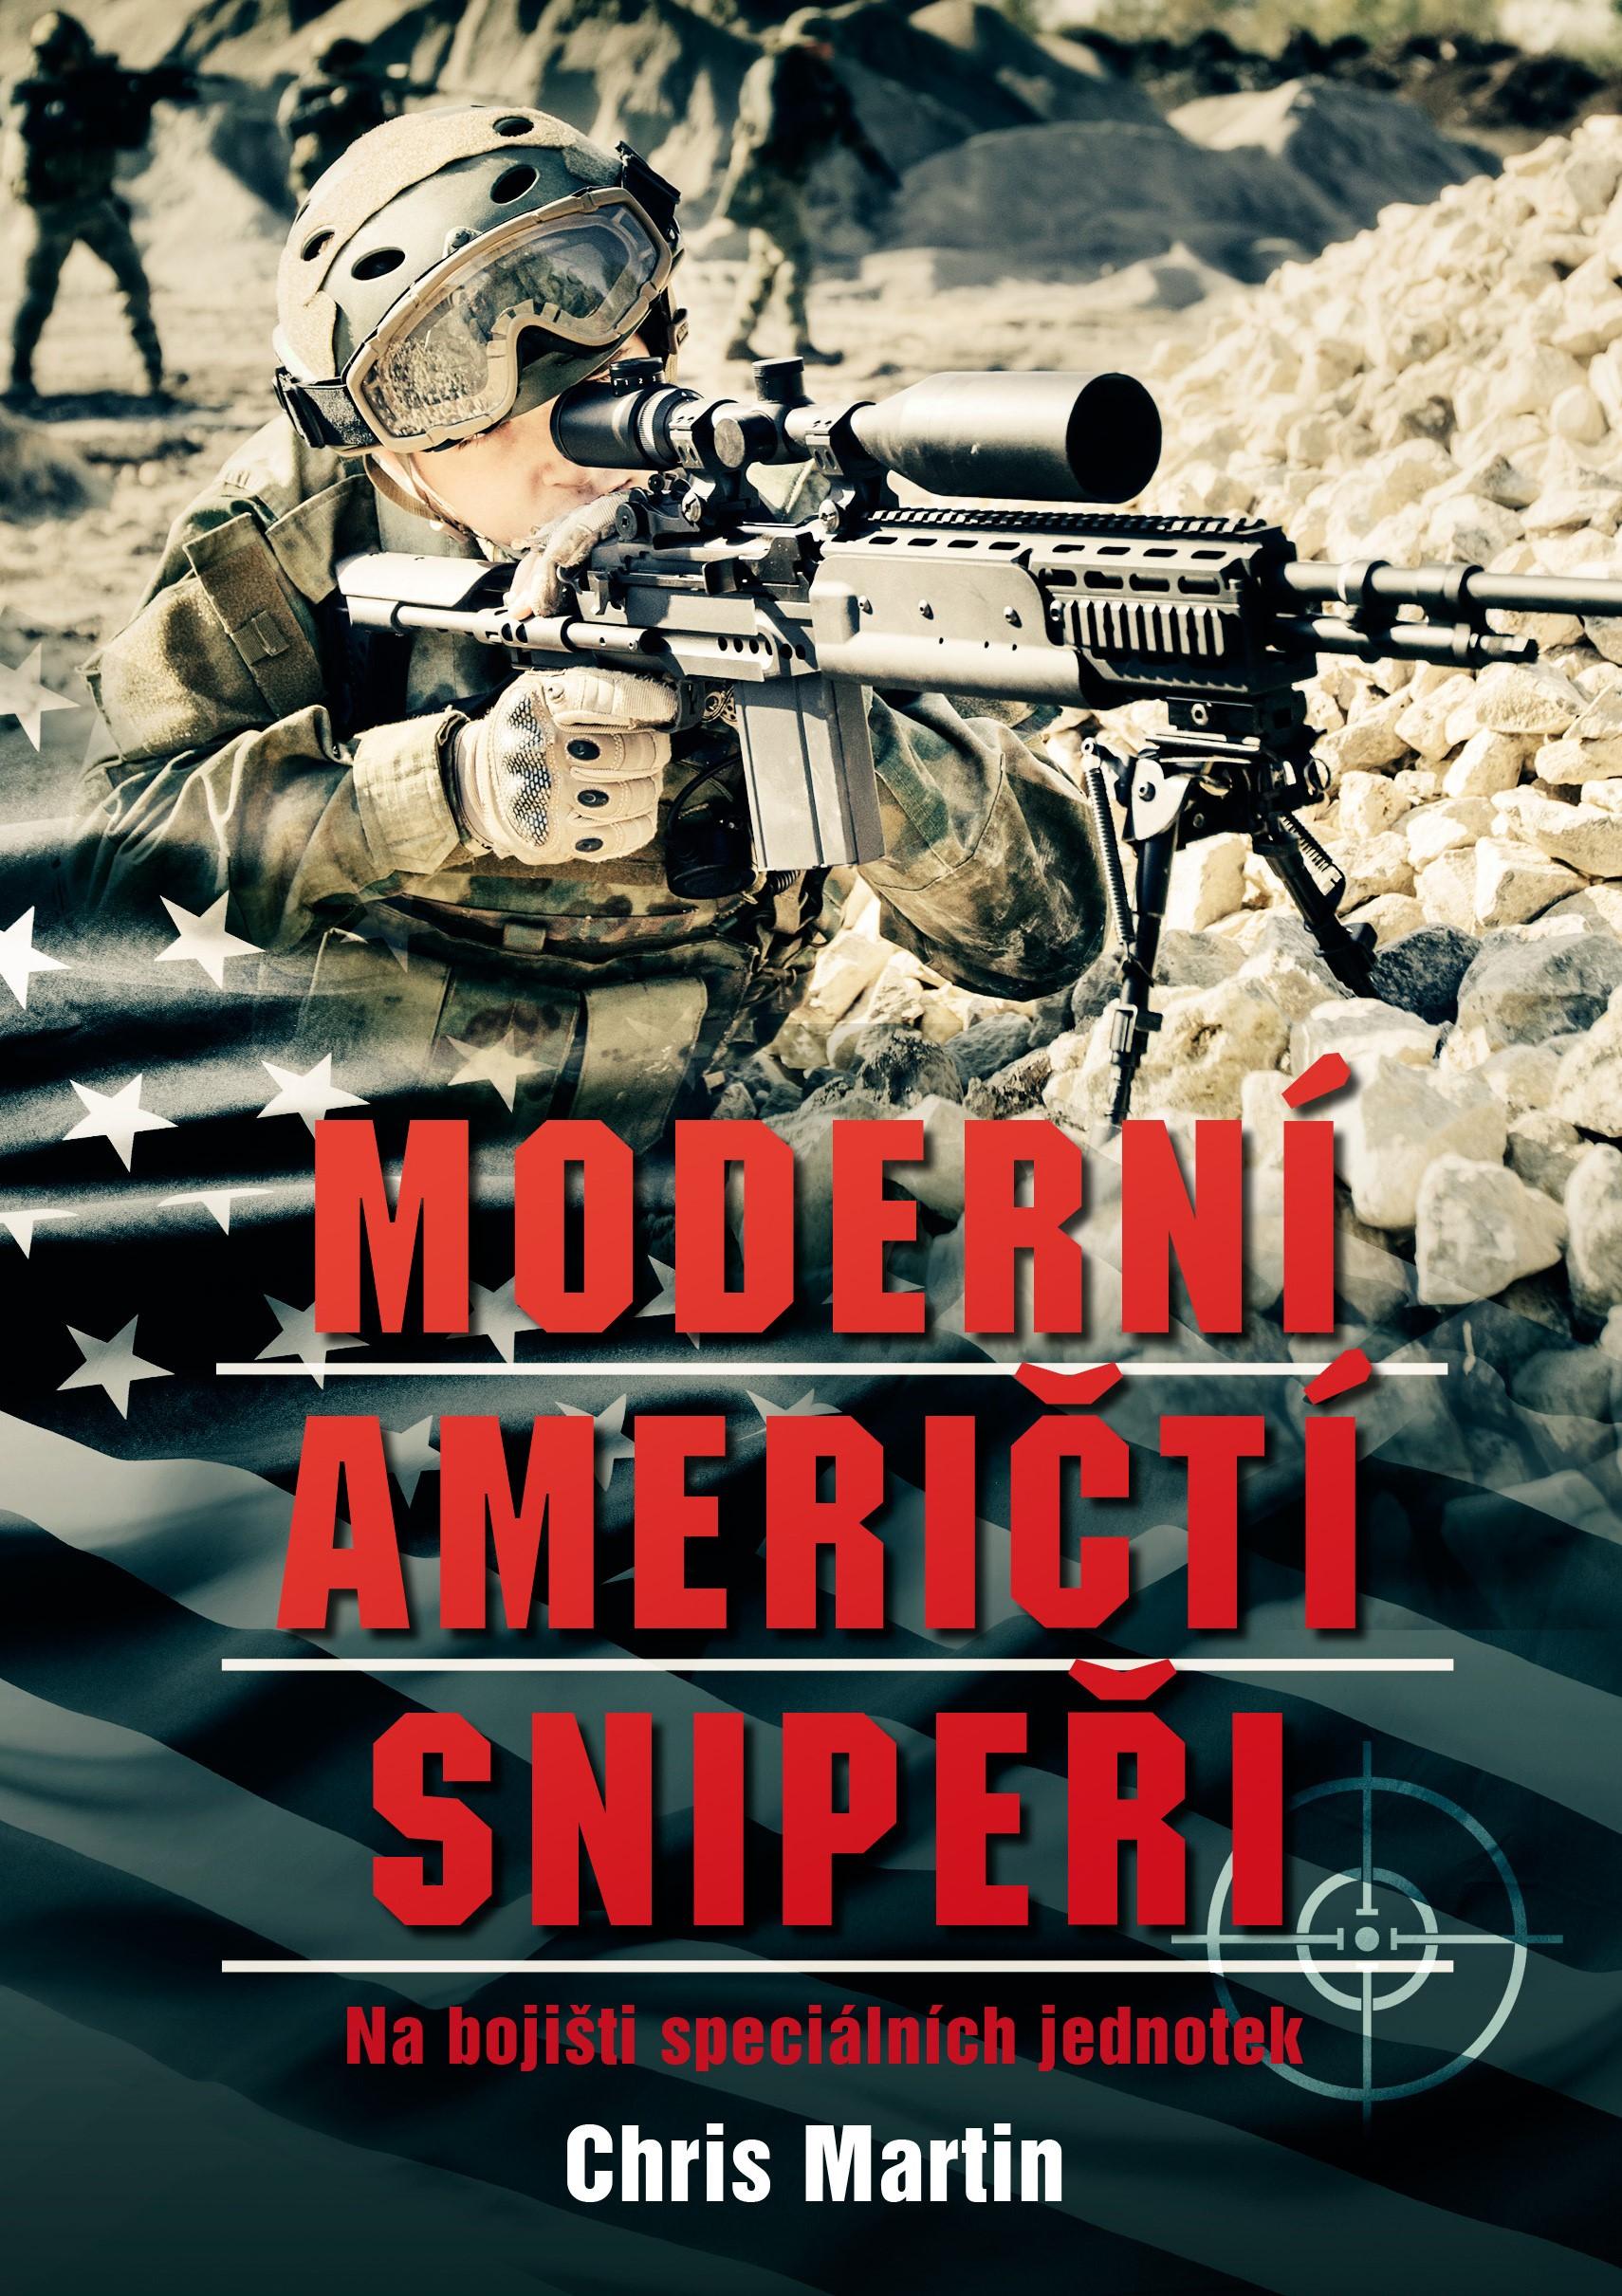 Moderní američtí snipeři | Chris Martin